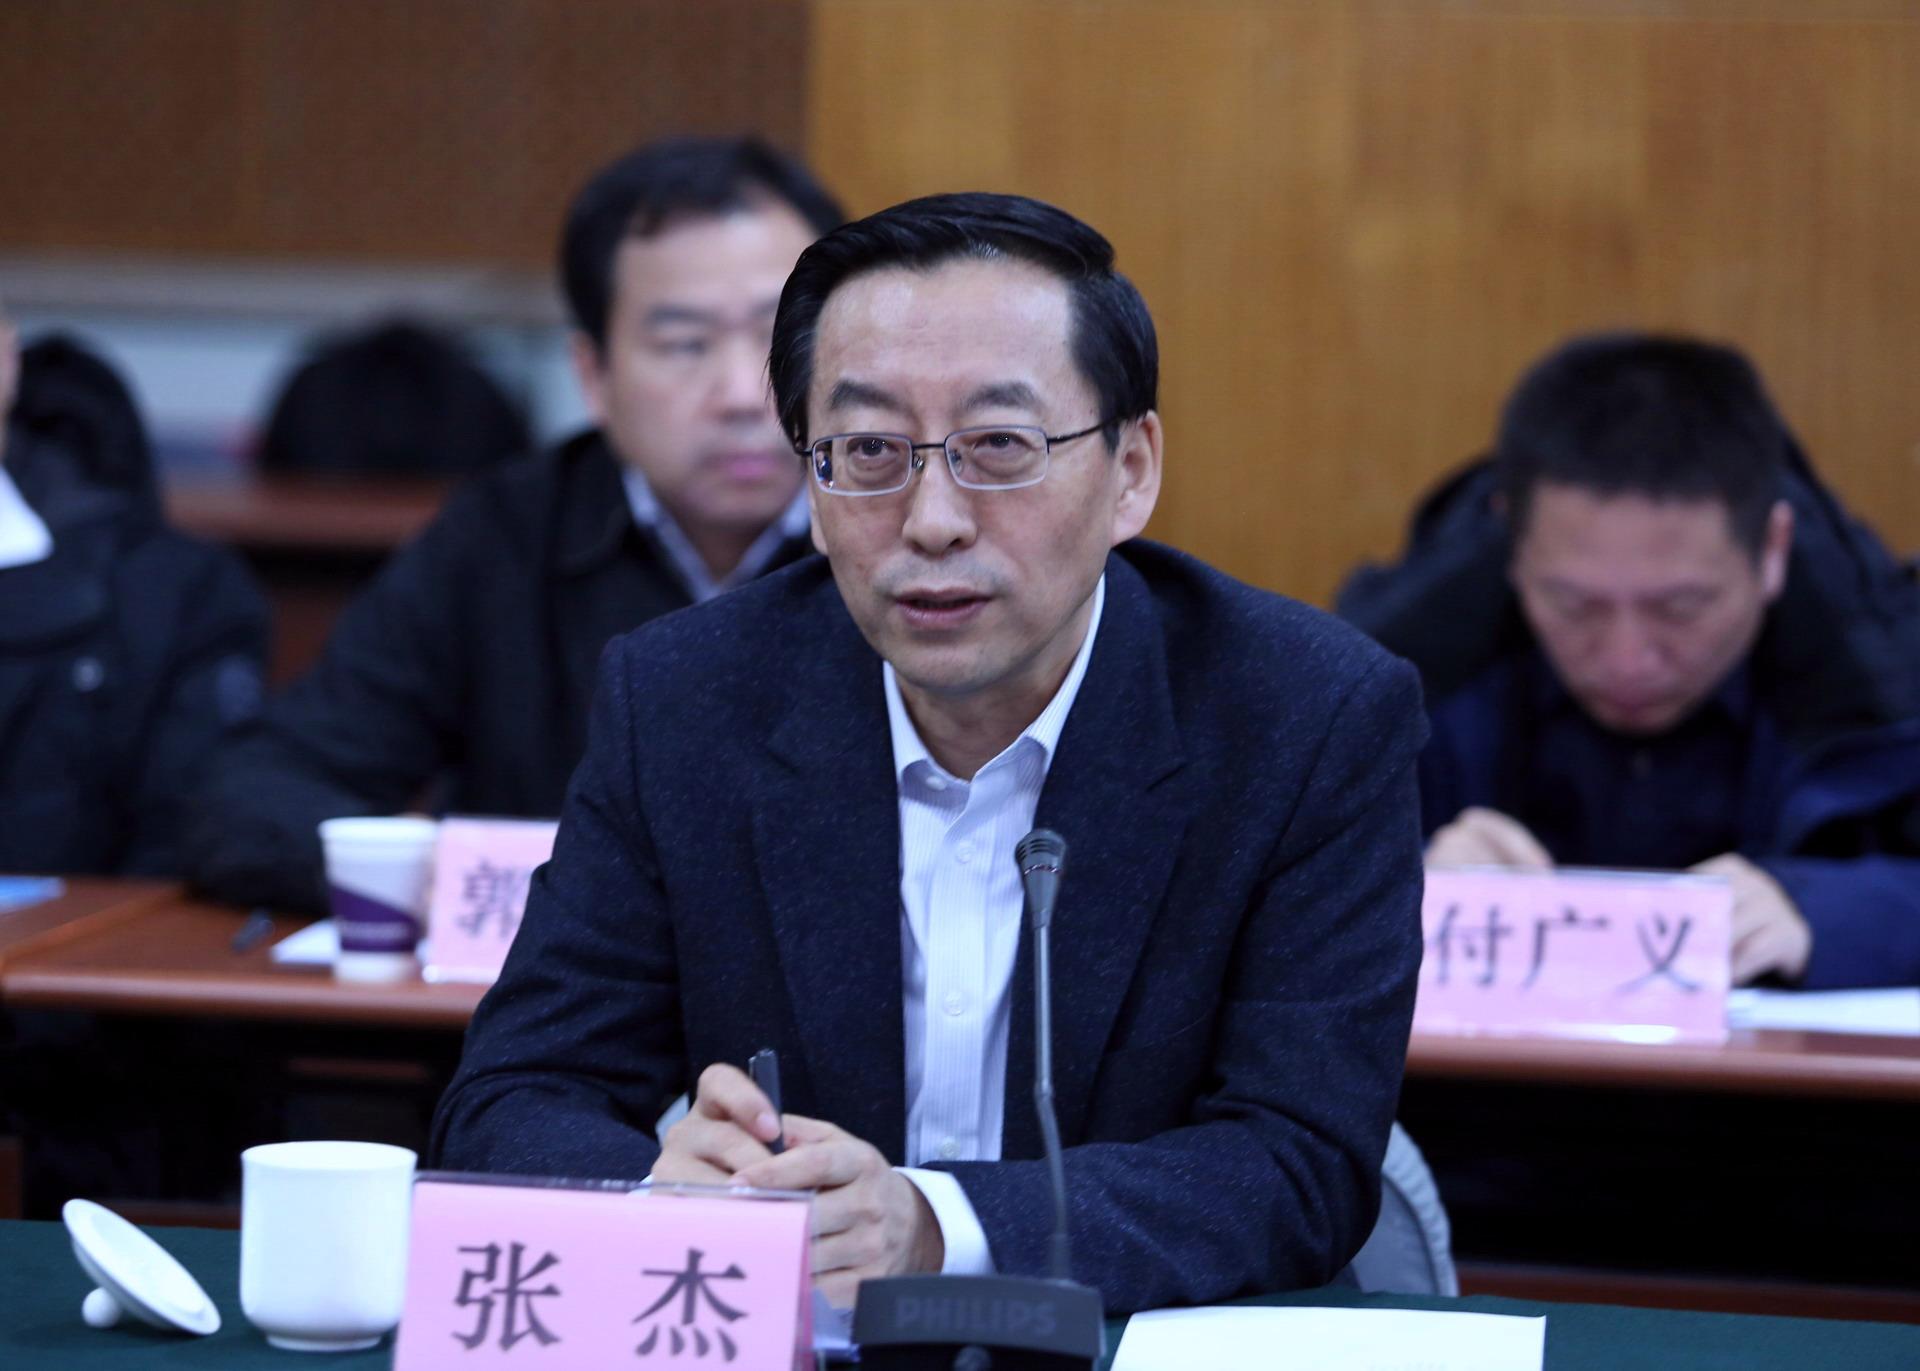 3.张杰在座谈会上发言杨天鹏摄.jpg